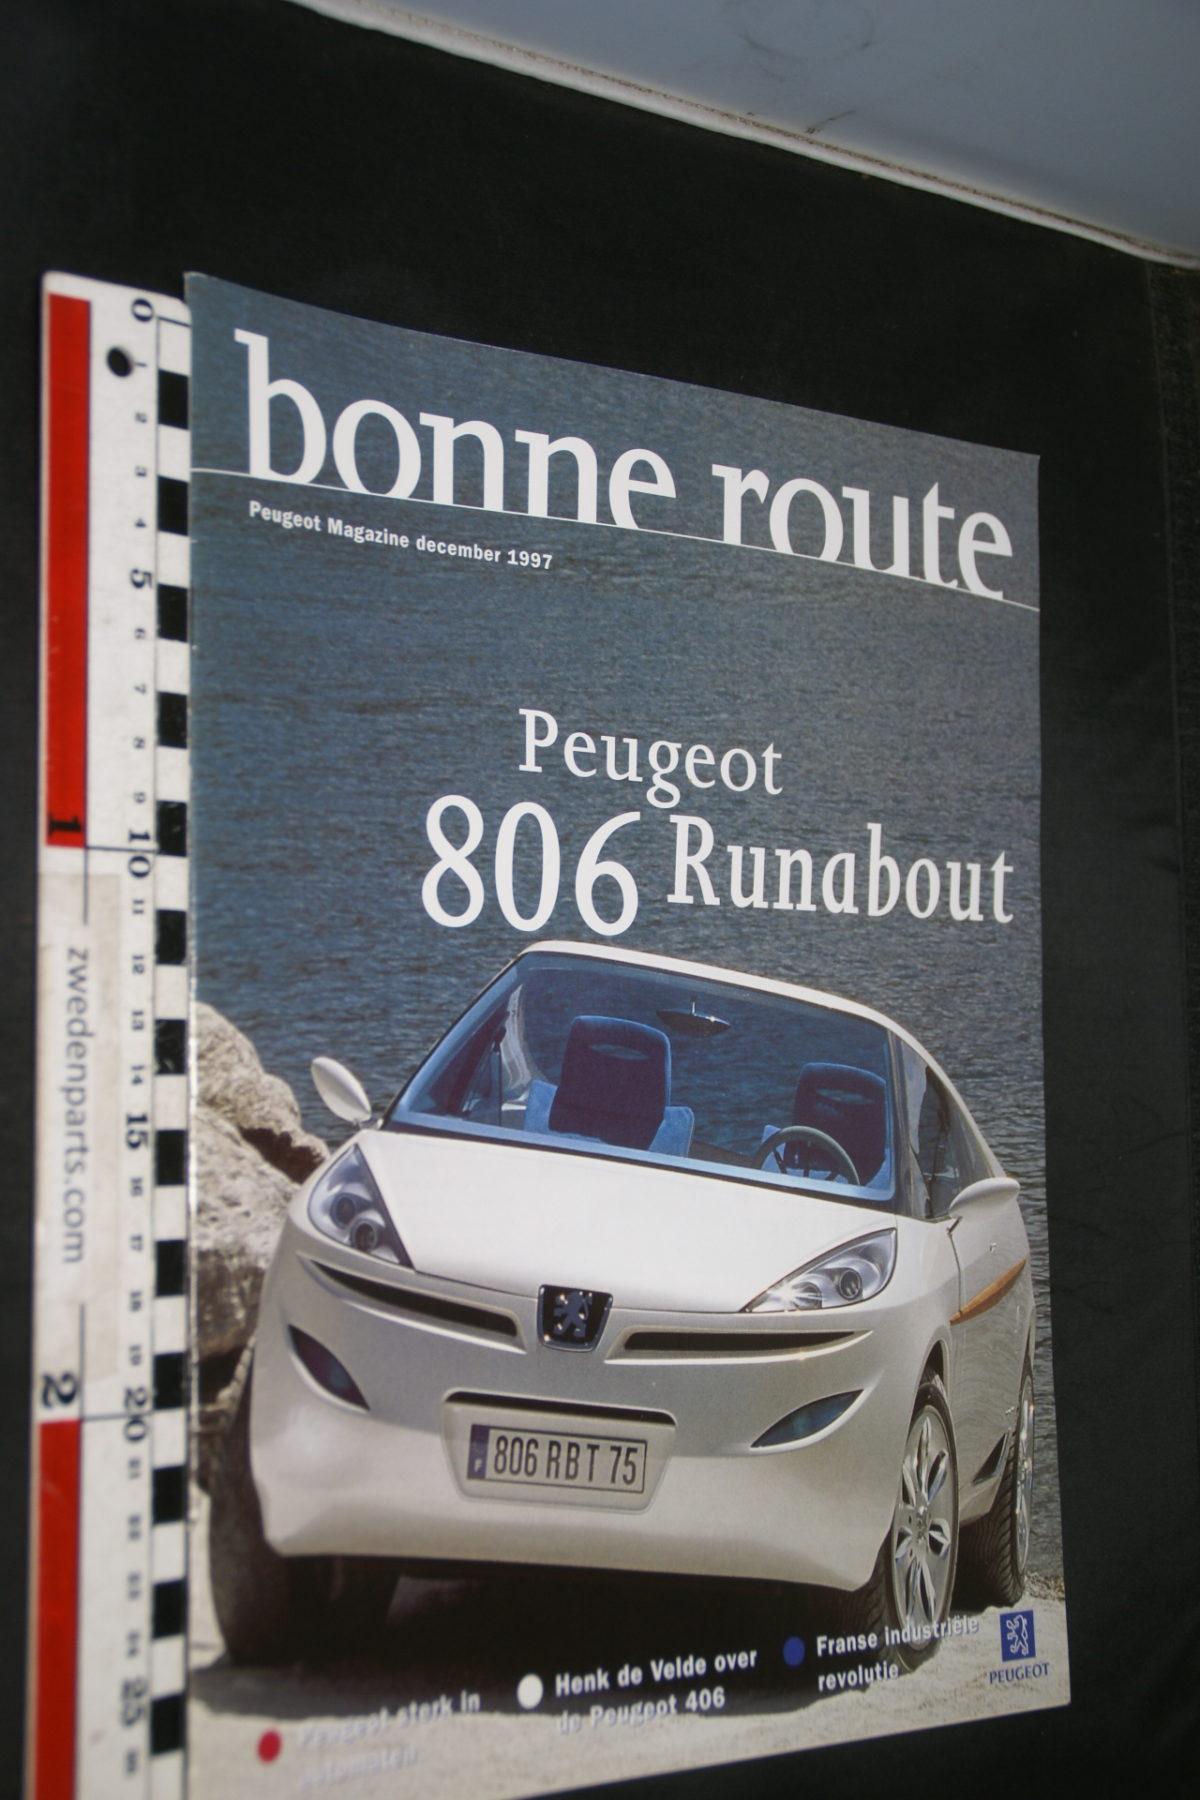 DSC08428 tijdschrift Peugeot Bonne Route 1997 december